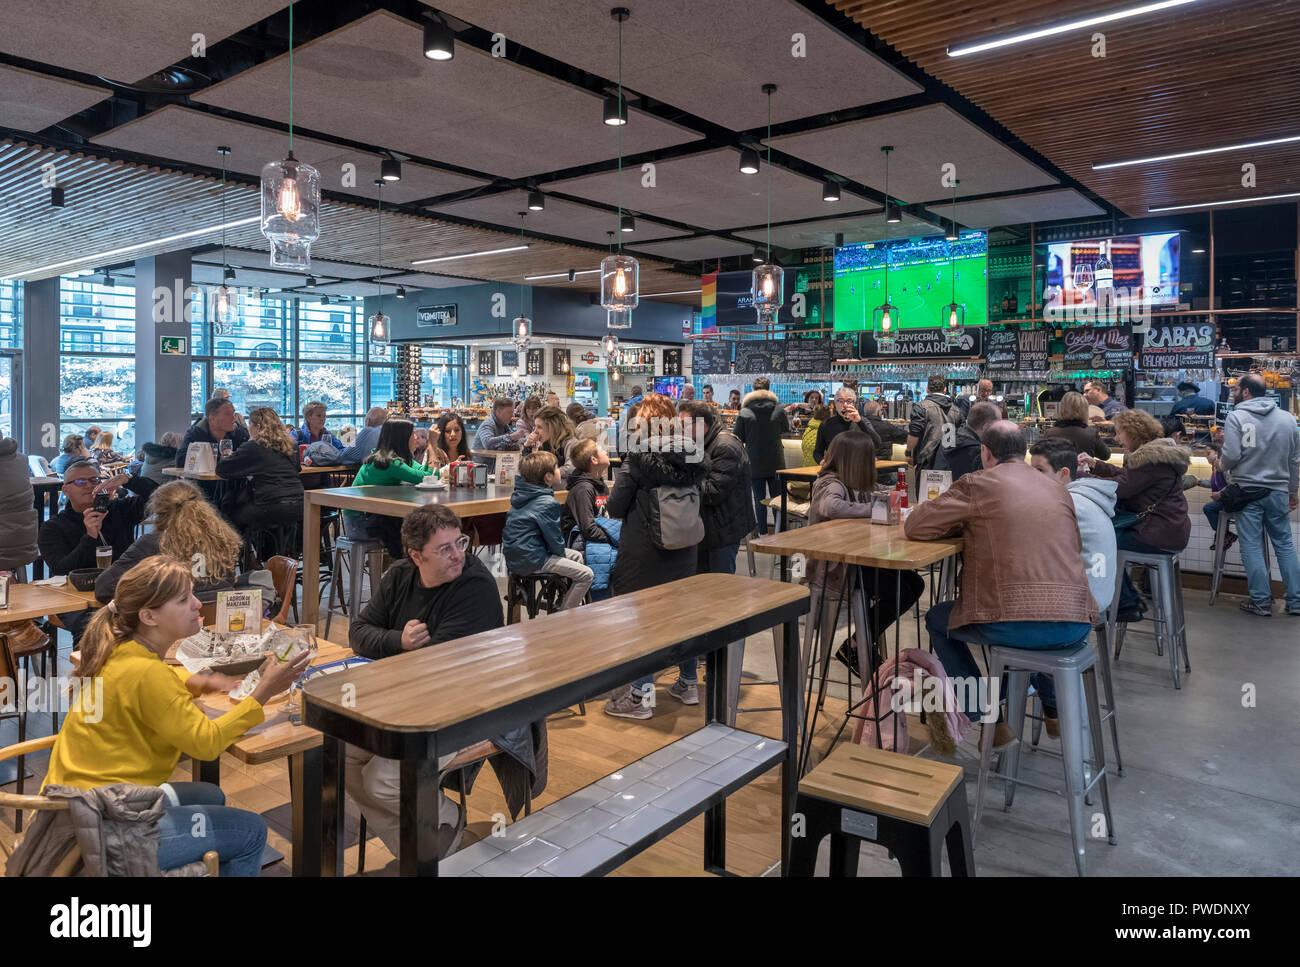 Bars and cafes in the Mercade de la Ribera, Casco Viejo, Bilbao, Basque Country, Spain - Stock Image